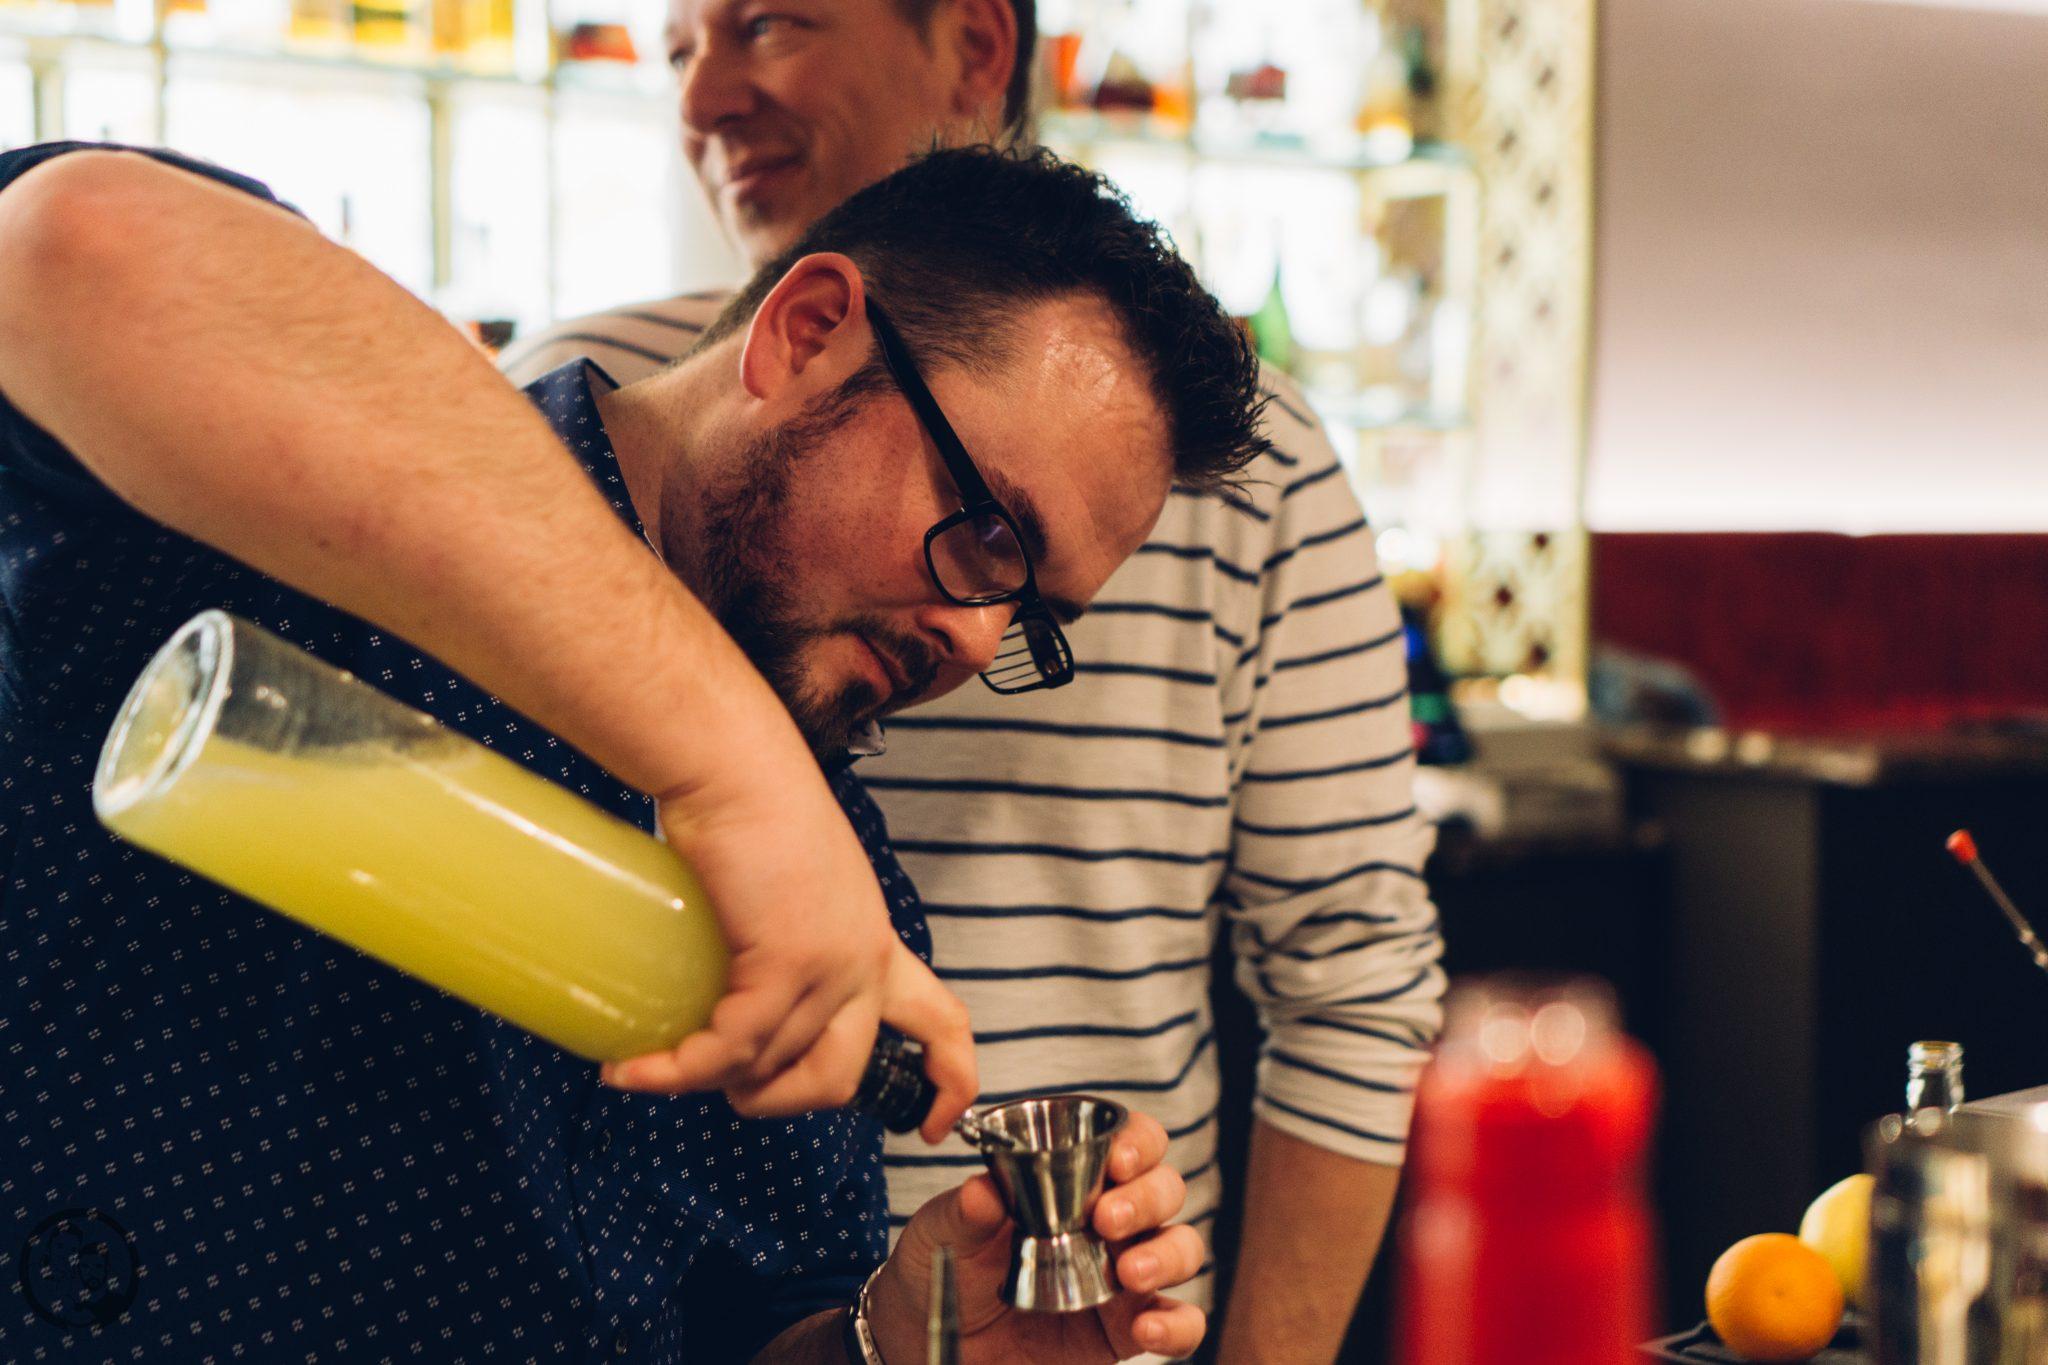 Vila Vita 1   Heute möchten wir euch von einem Foodie-Tag der Extraklasse durch Marburg berichten, dass ist nämlich schon lange überfällig. Die Vila Vita Marburghat gemeinsam mit Cat von Schlemmerkatze zum Schlemmertag gerufen und da sagen wir definitiv nicht nein zu.Die Vila Vita kennen wir ja schon seit der Landpartie im letzten Jahr und im Märzdurften wir den Genusstempel in seiner ganzen Vielfalt erleben. Zum Abschluss wurde dann auch noch gemeinsam gekocht und unseren Favorit von diesem Abend, stellen wir euch heute vor - Spicy Tartar Roll!